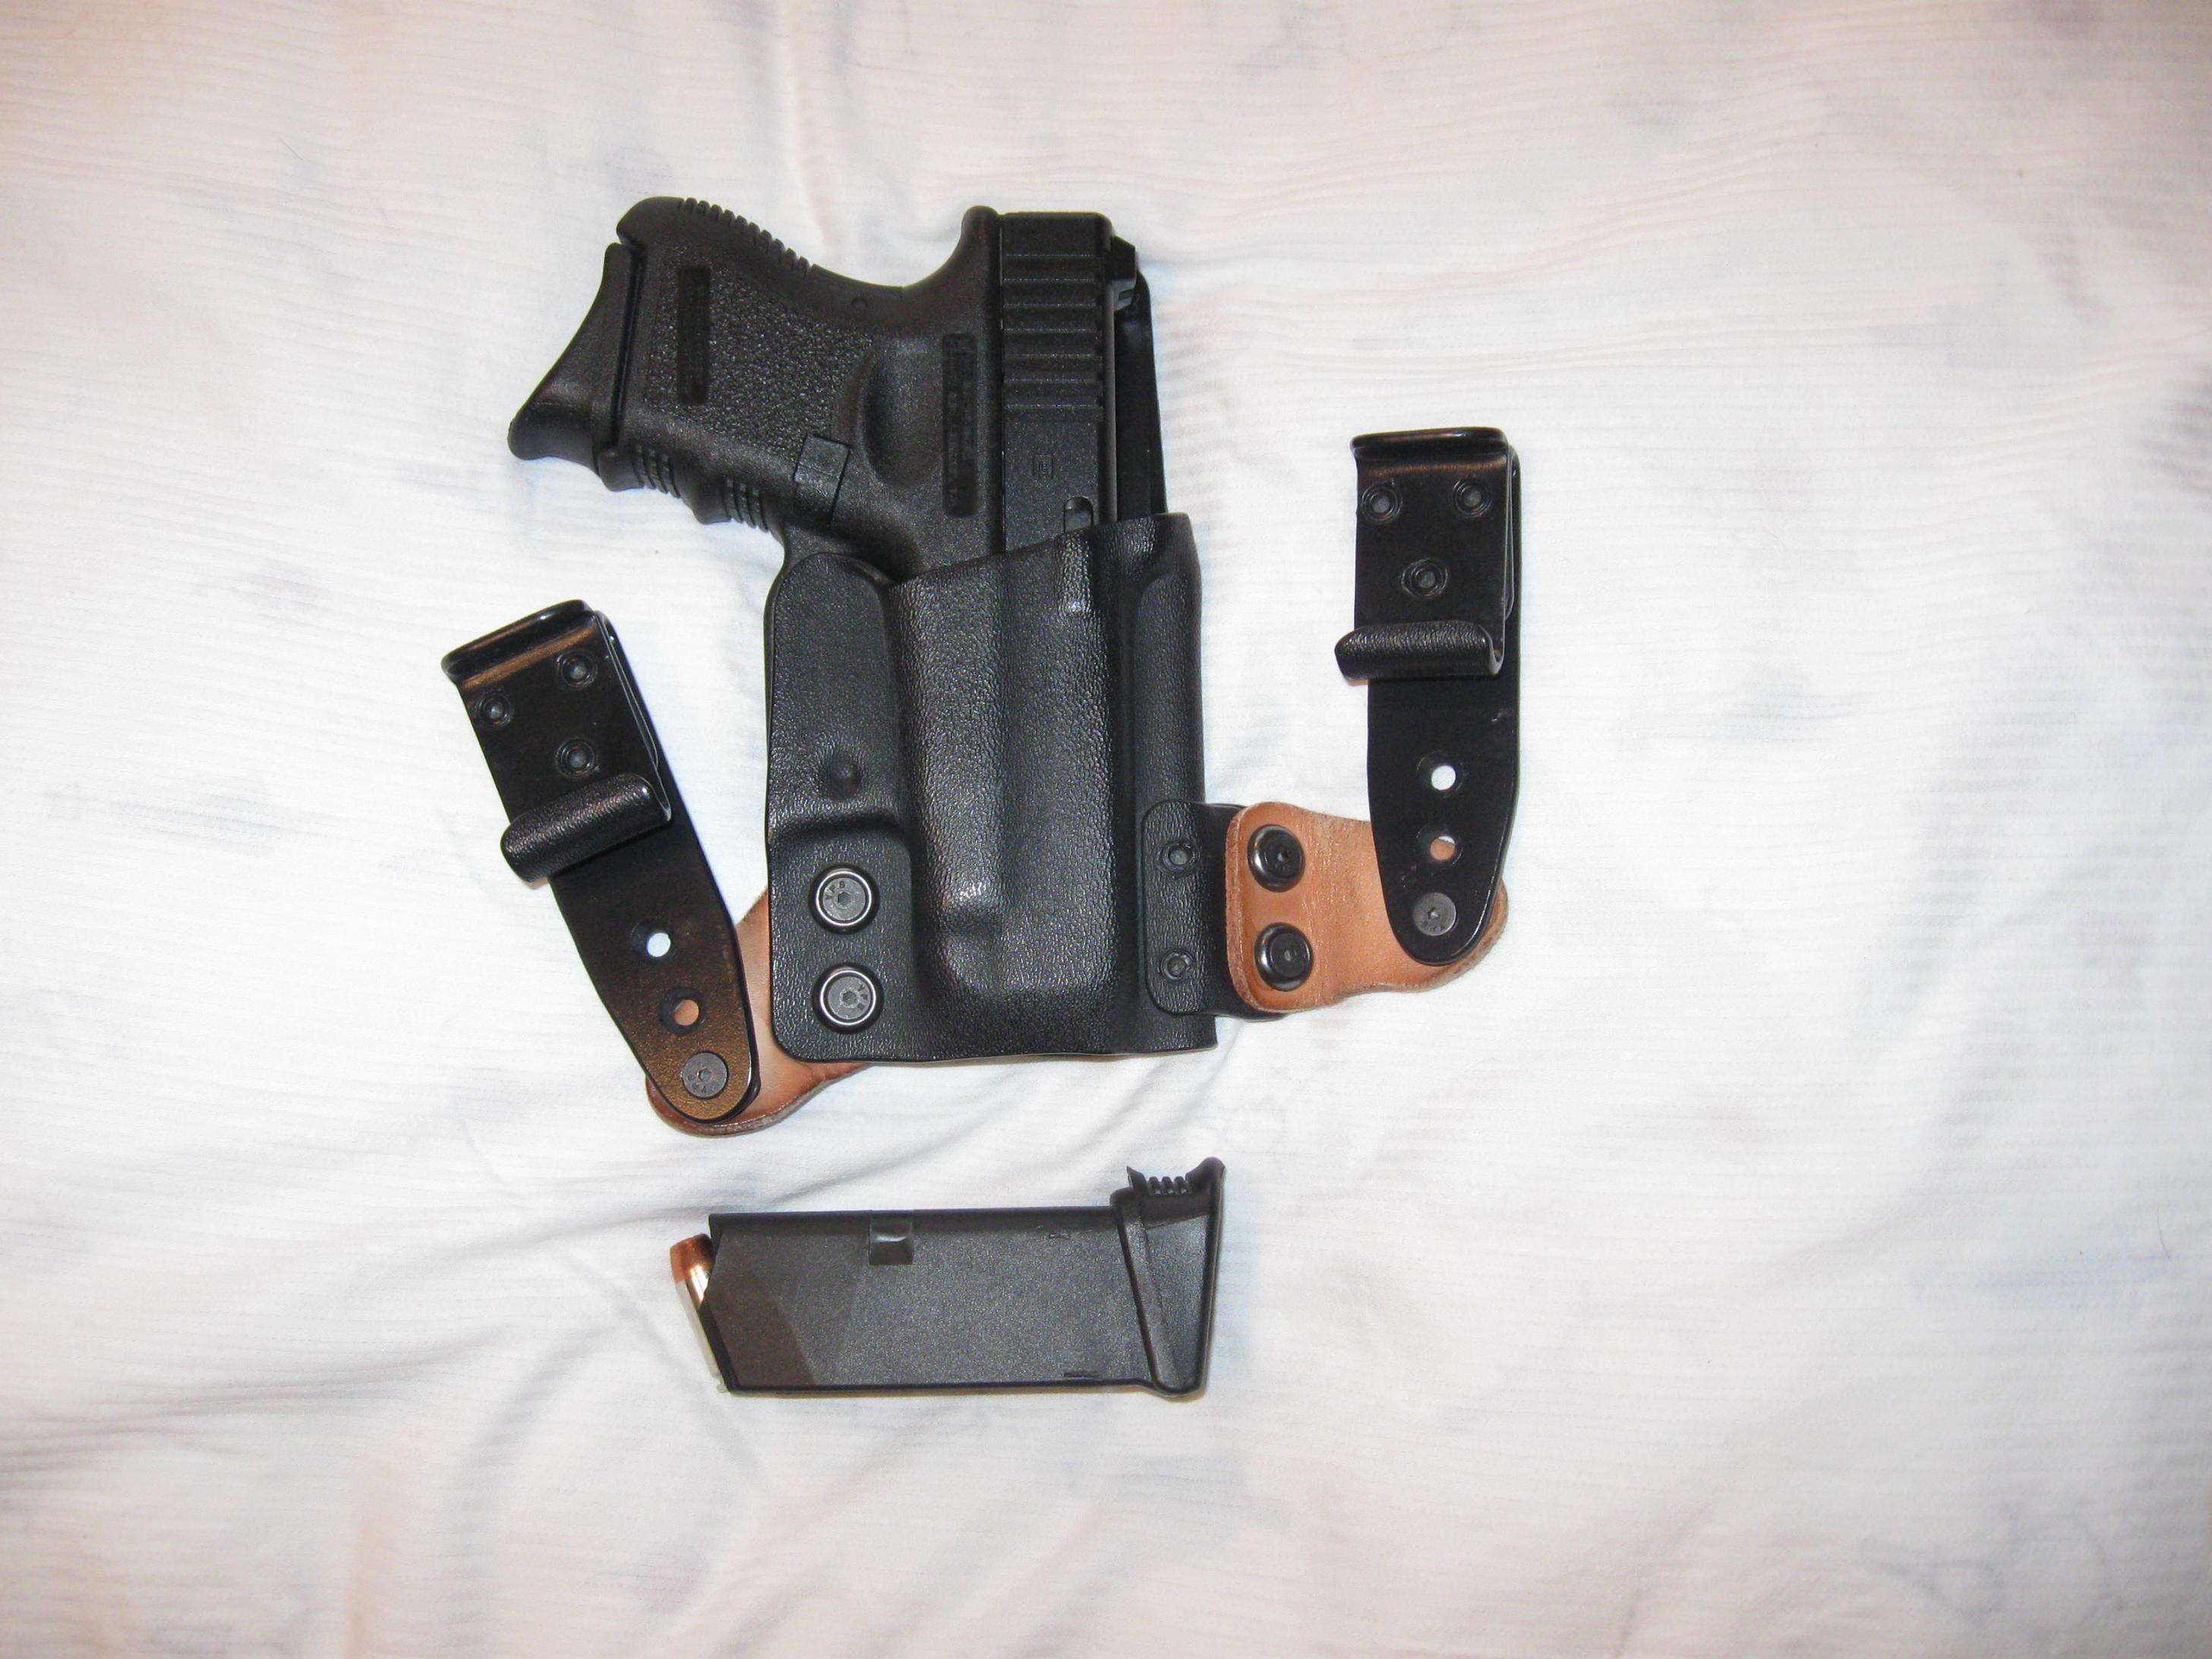 Appendix IWB for Glock 26-g27-c-tac.jpg